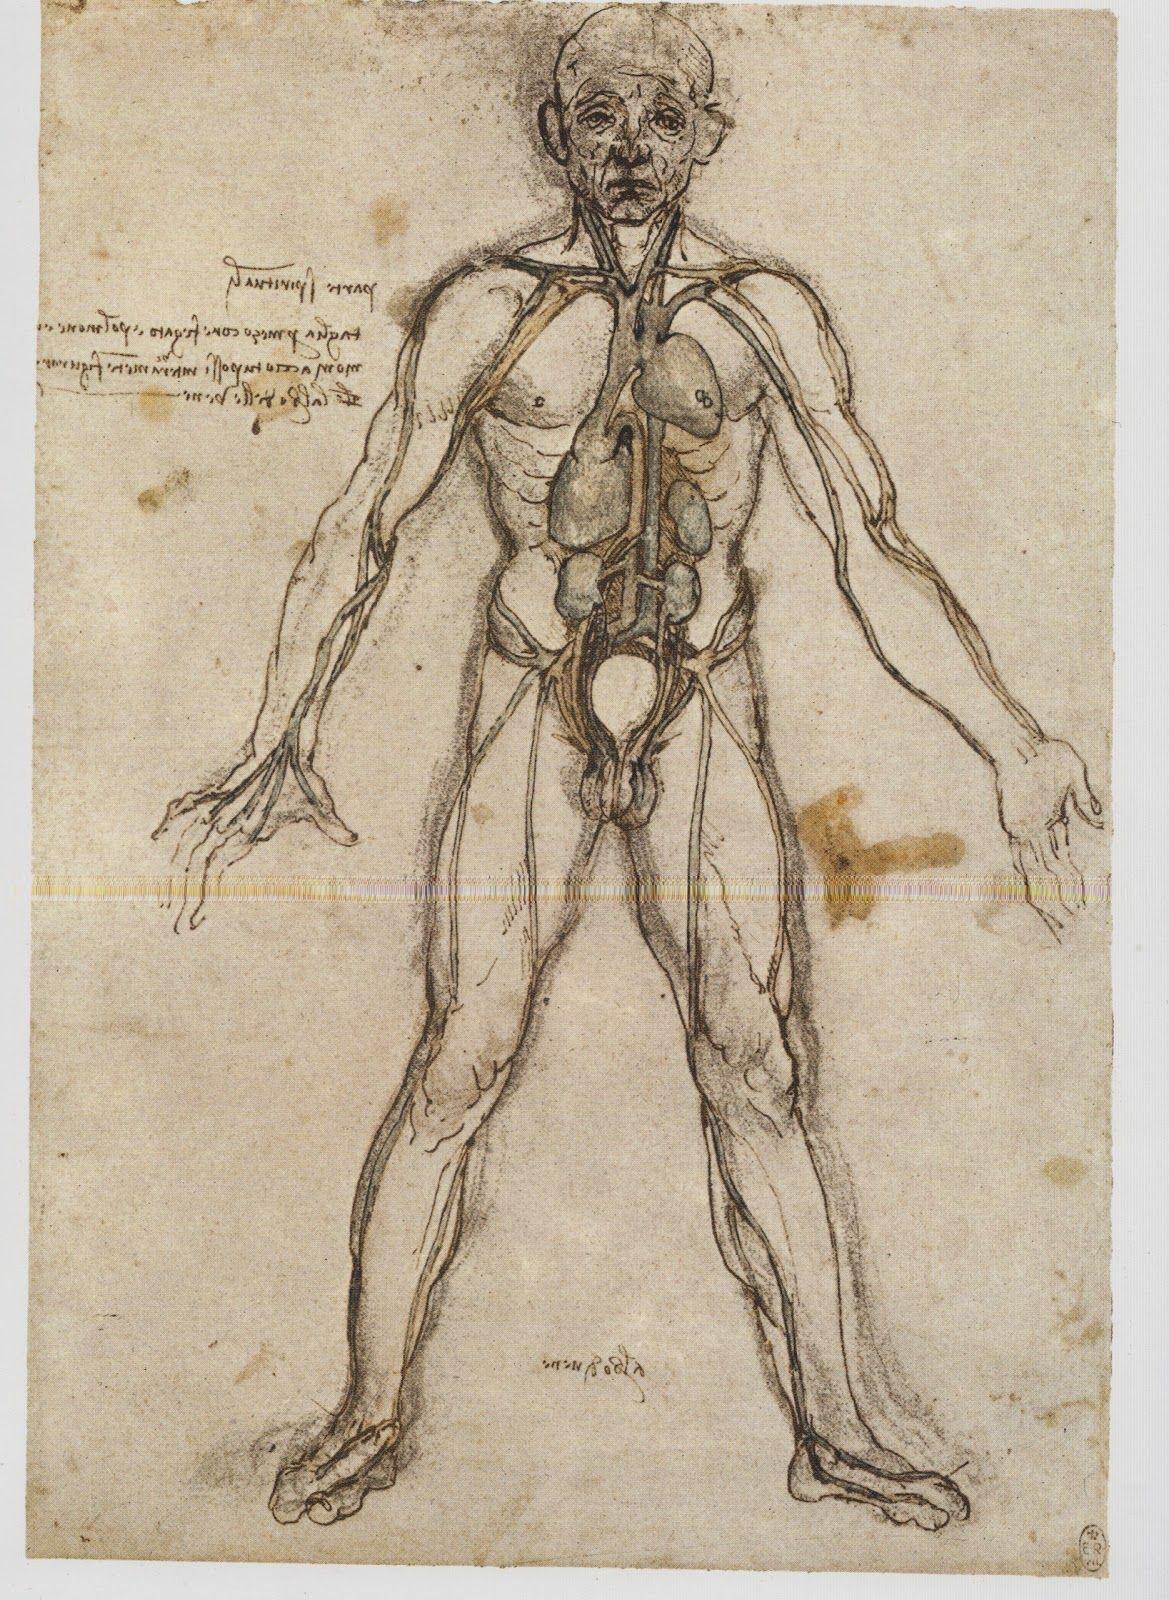 Tolle Da Vinci Anatomie Skizzen Ideen - Menschliche Anatomie Bilder ...